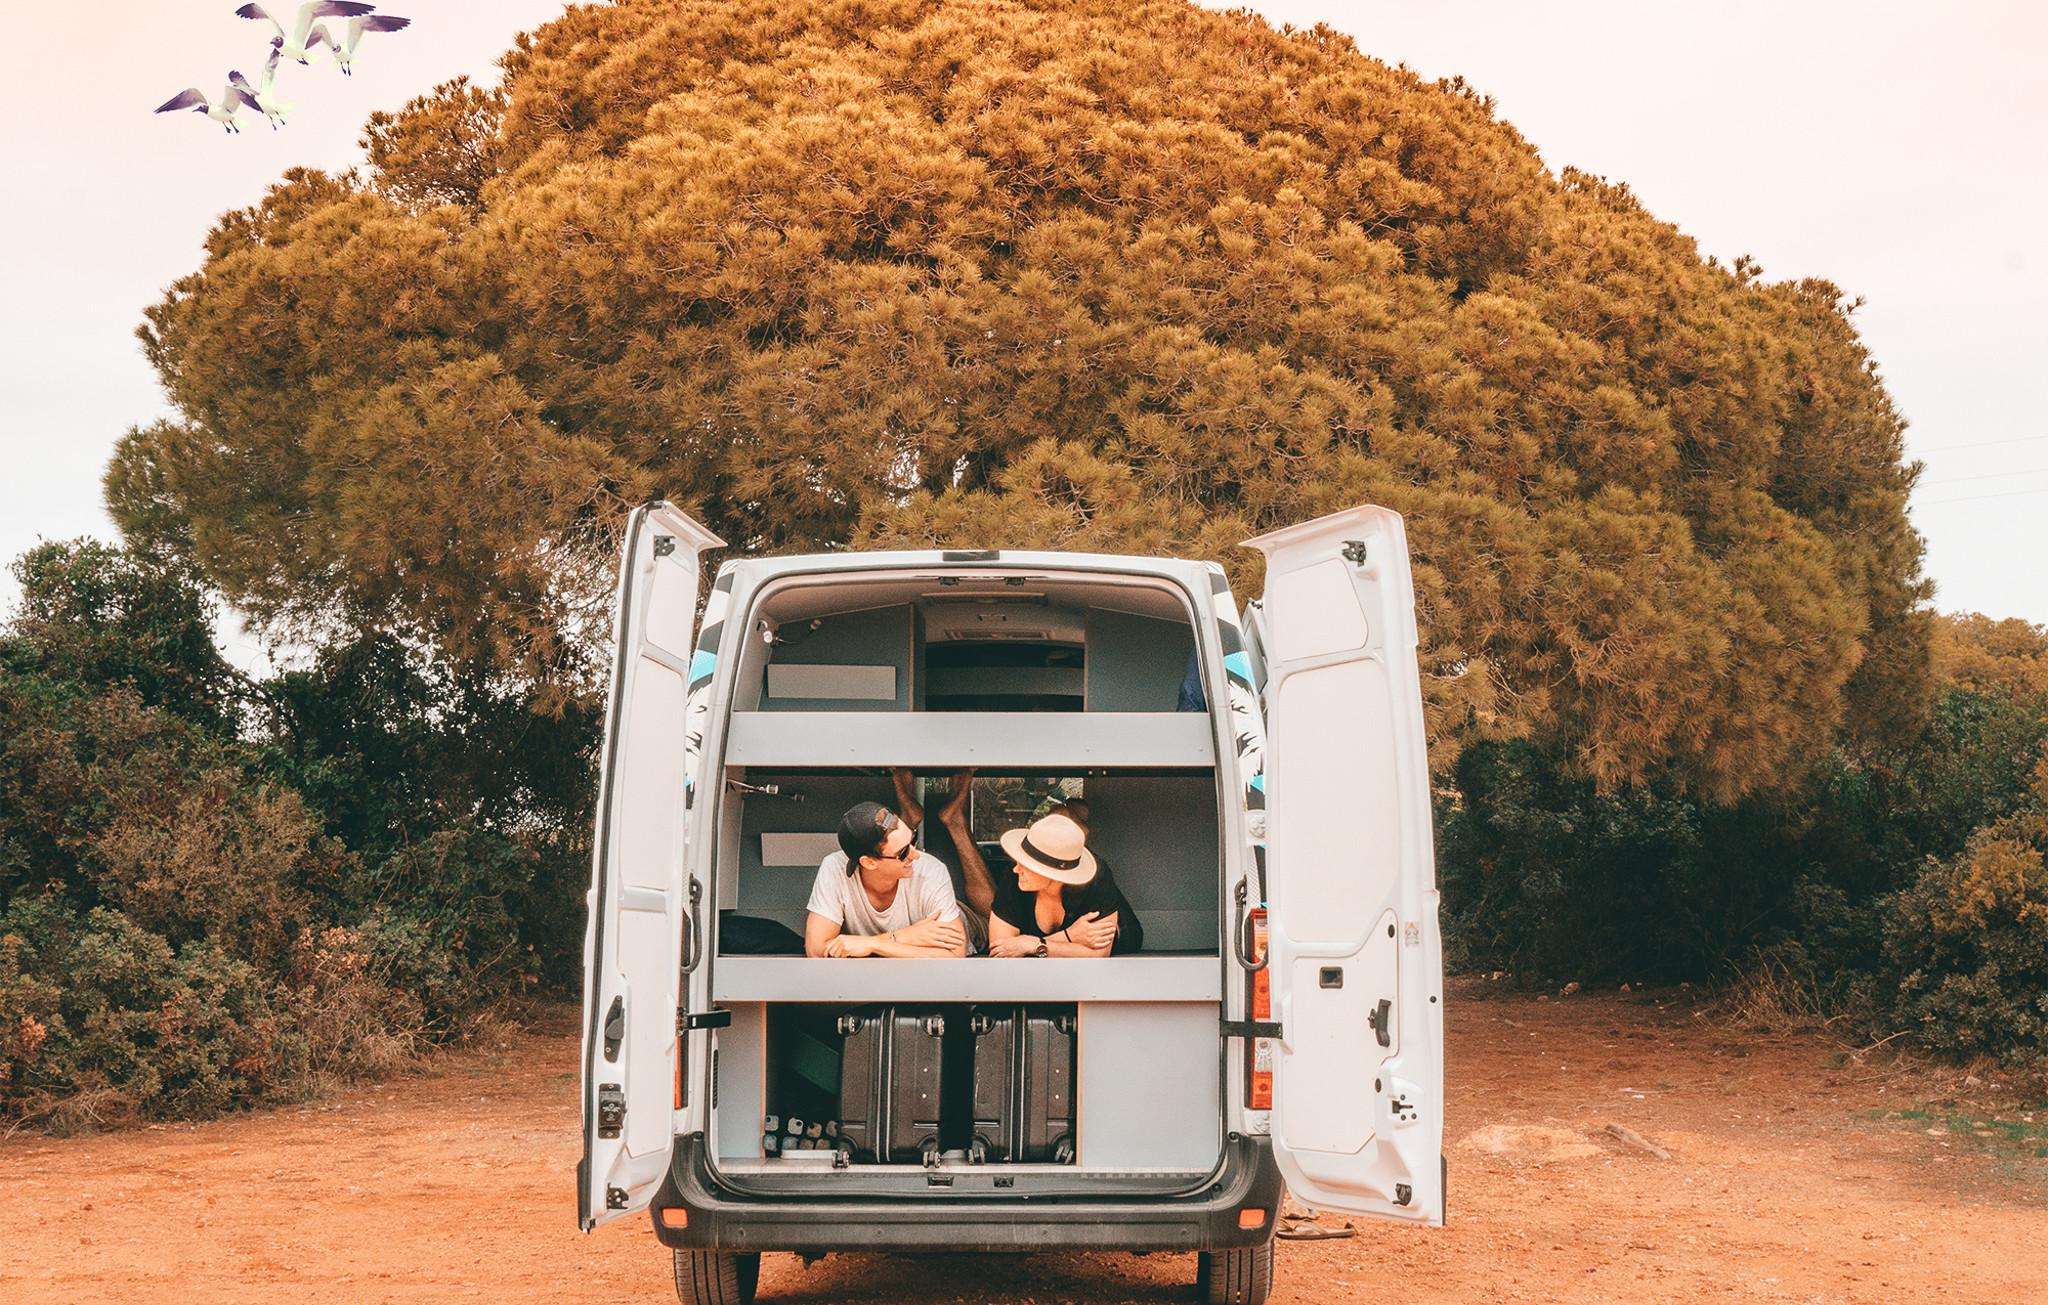 Portugal by Van - Open Back Doors